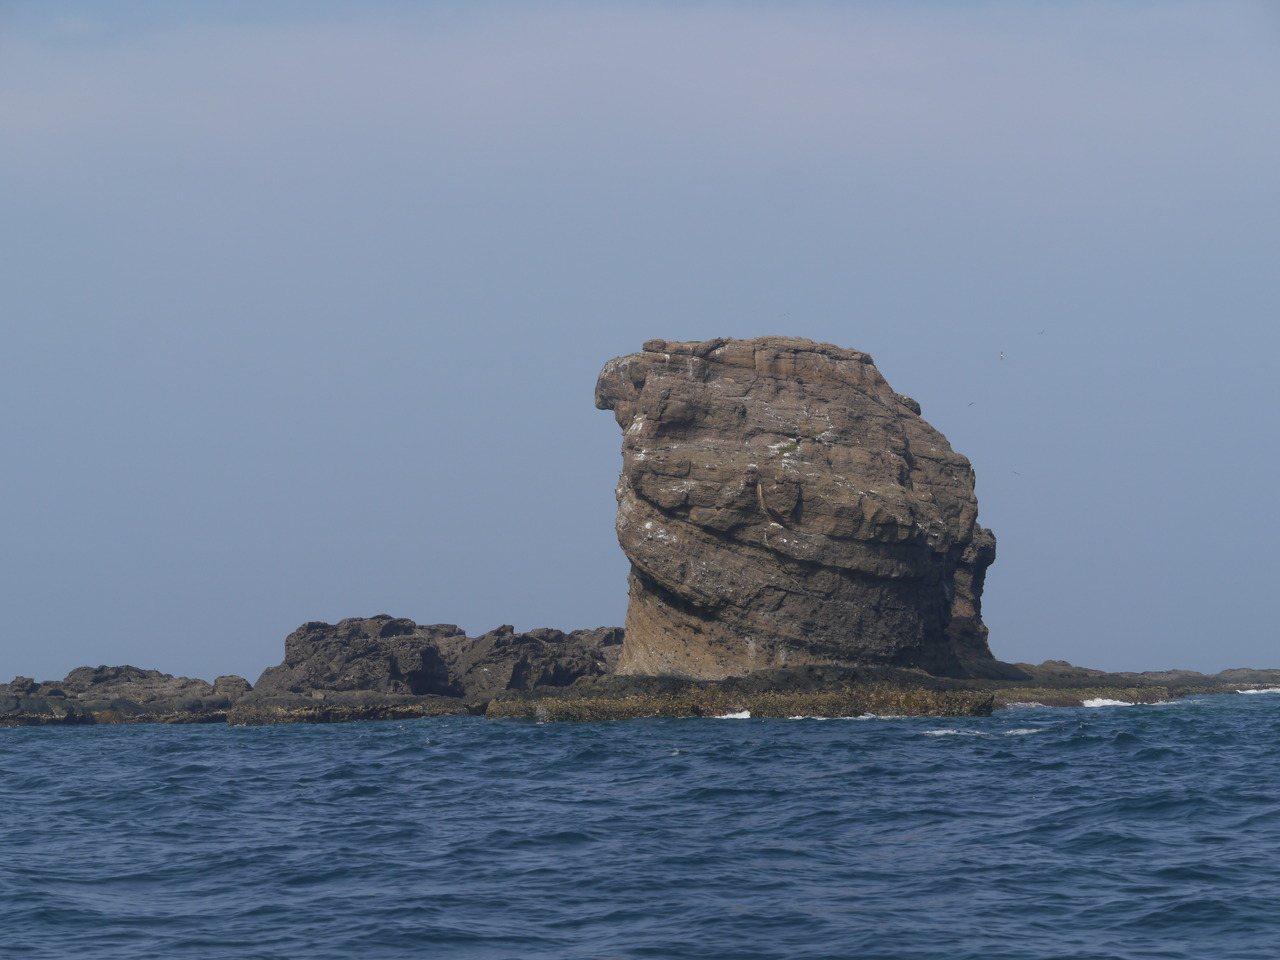 南方海面分布不少造型奇特島礁,多半因外型得名。 圖/徐白櫻 攝影